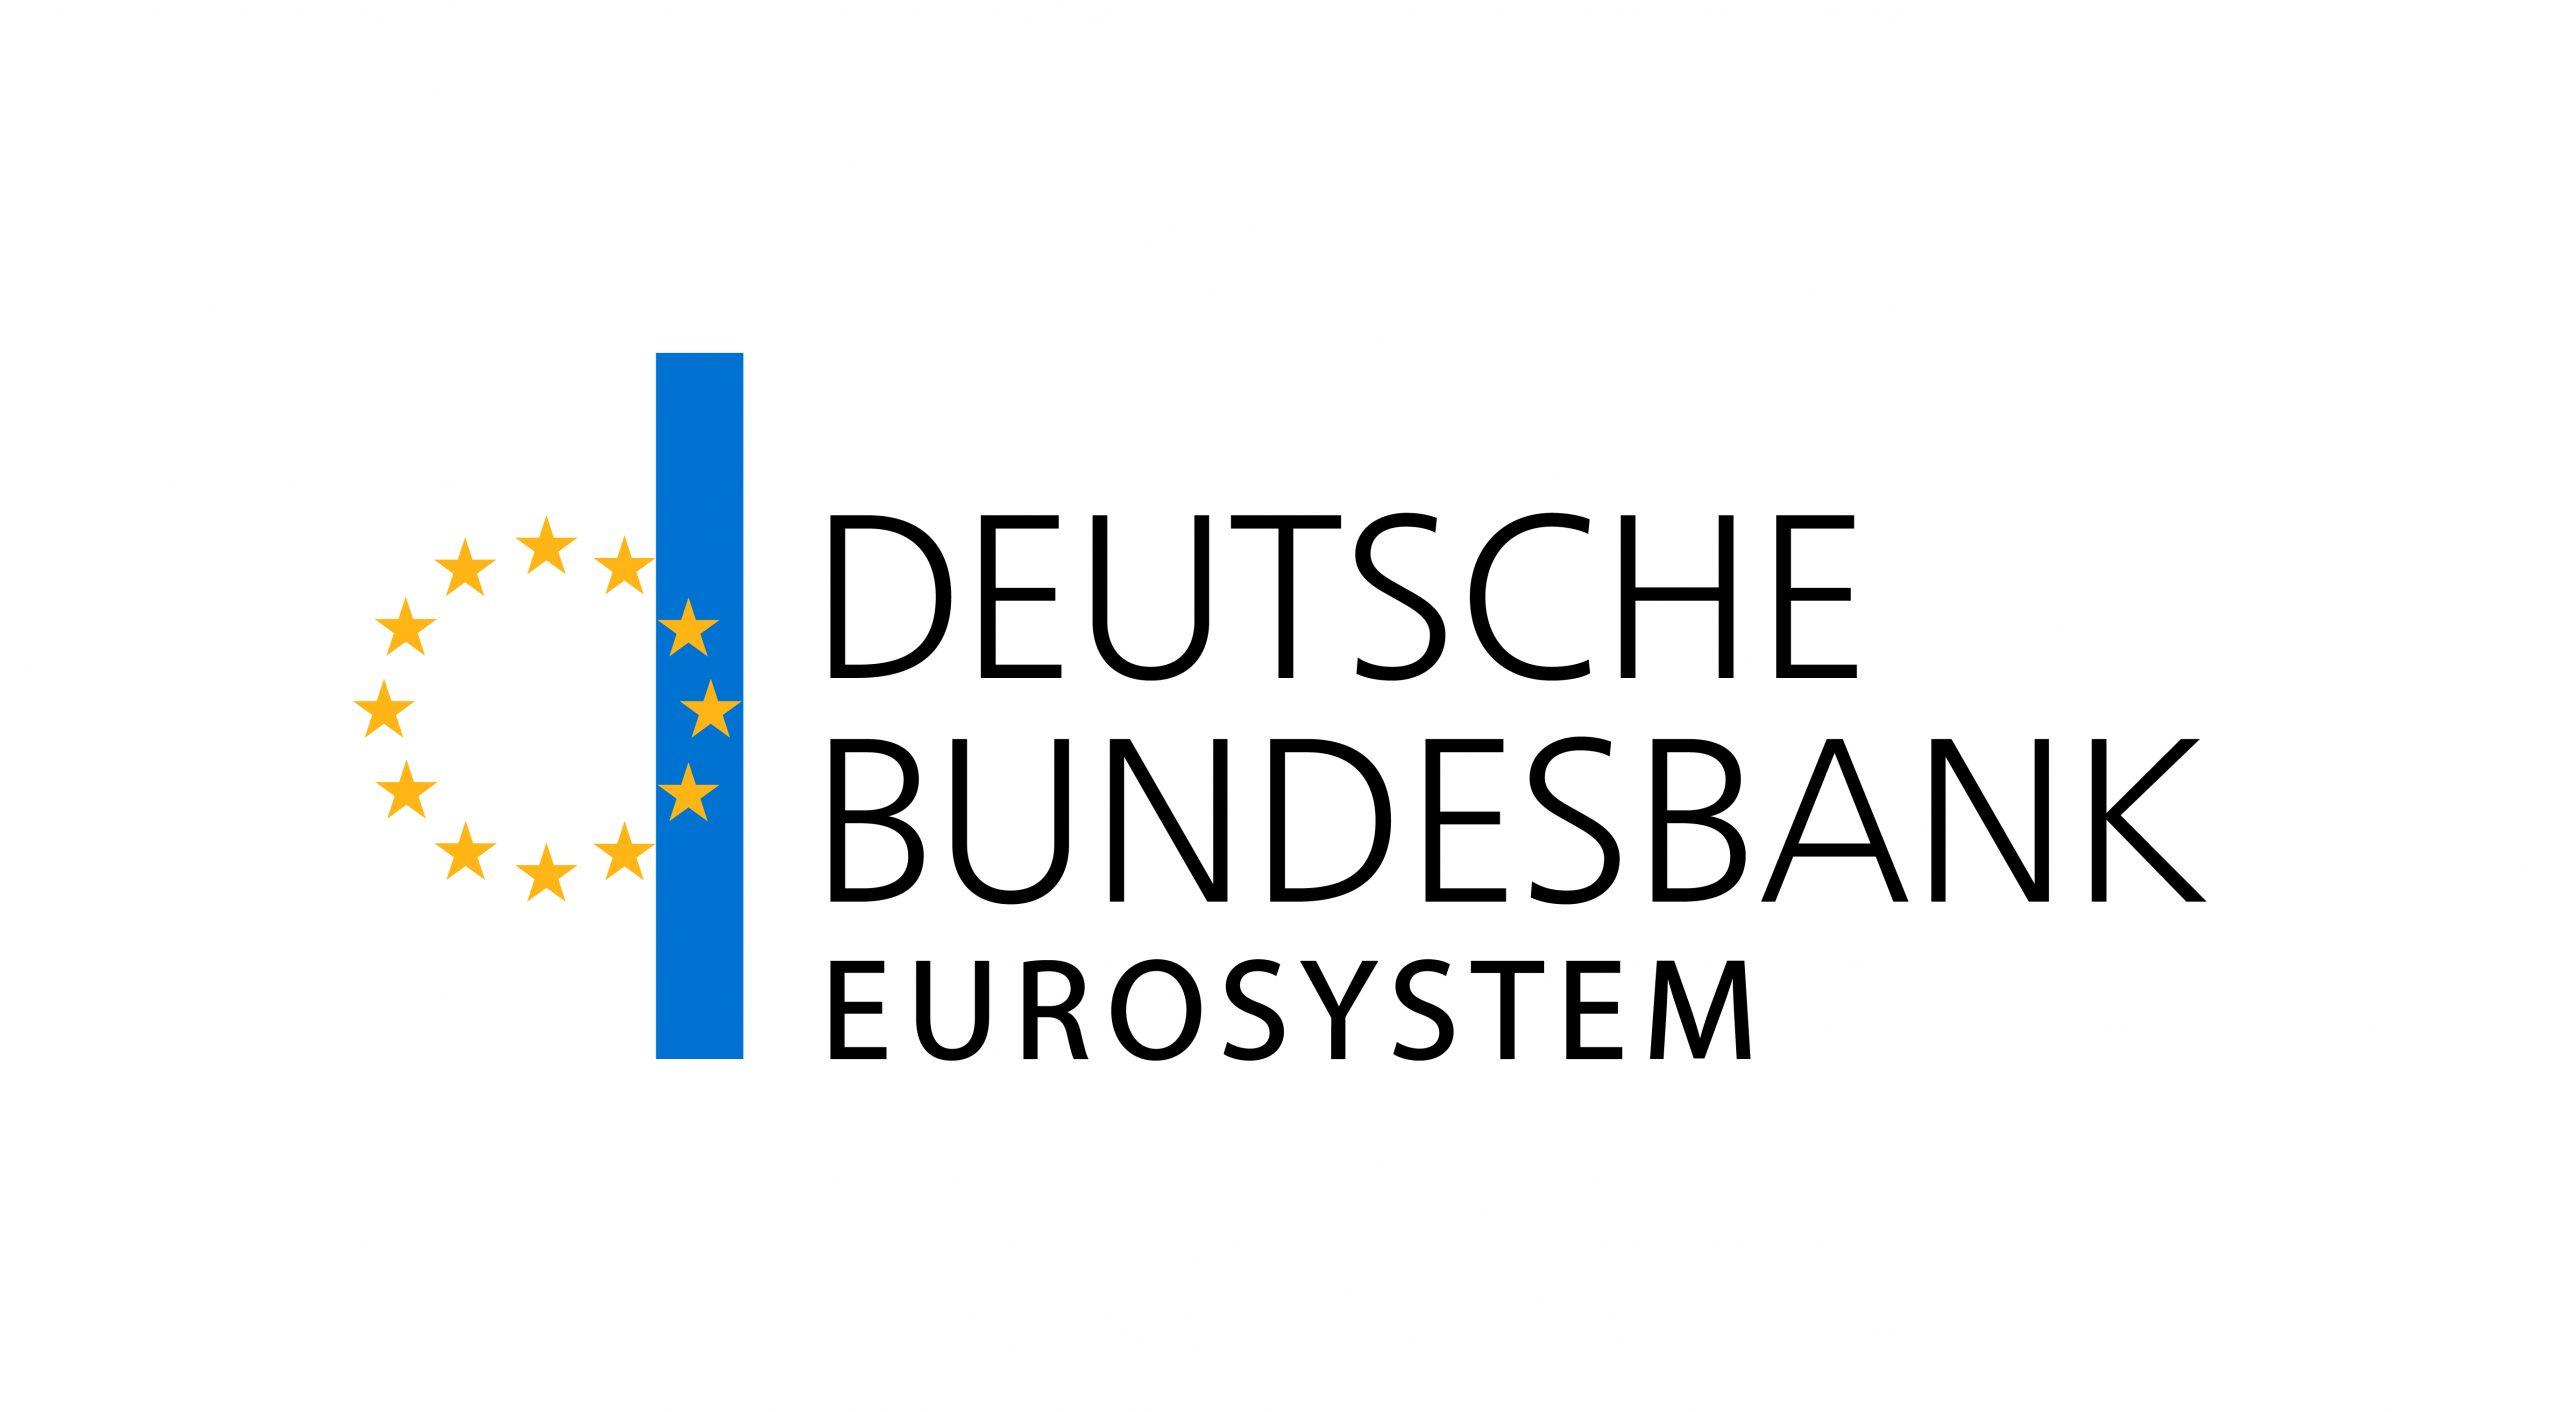 """ecb Classic Vortrag """"Die Niedrigzinspolitik der EZB - Fluch oder Segen für Wirtschaft und Finanzmärkte?"""" Frühjahr 2021"""